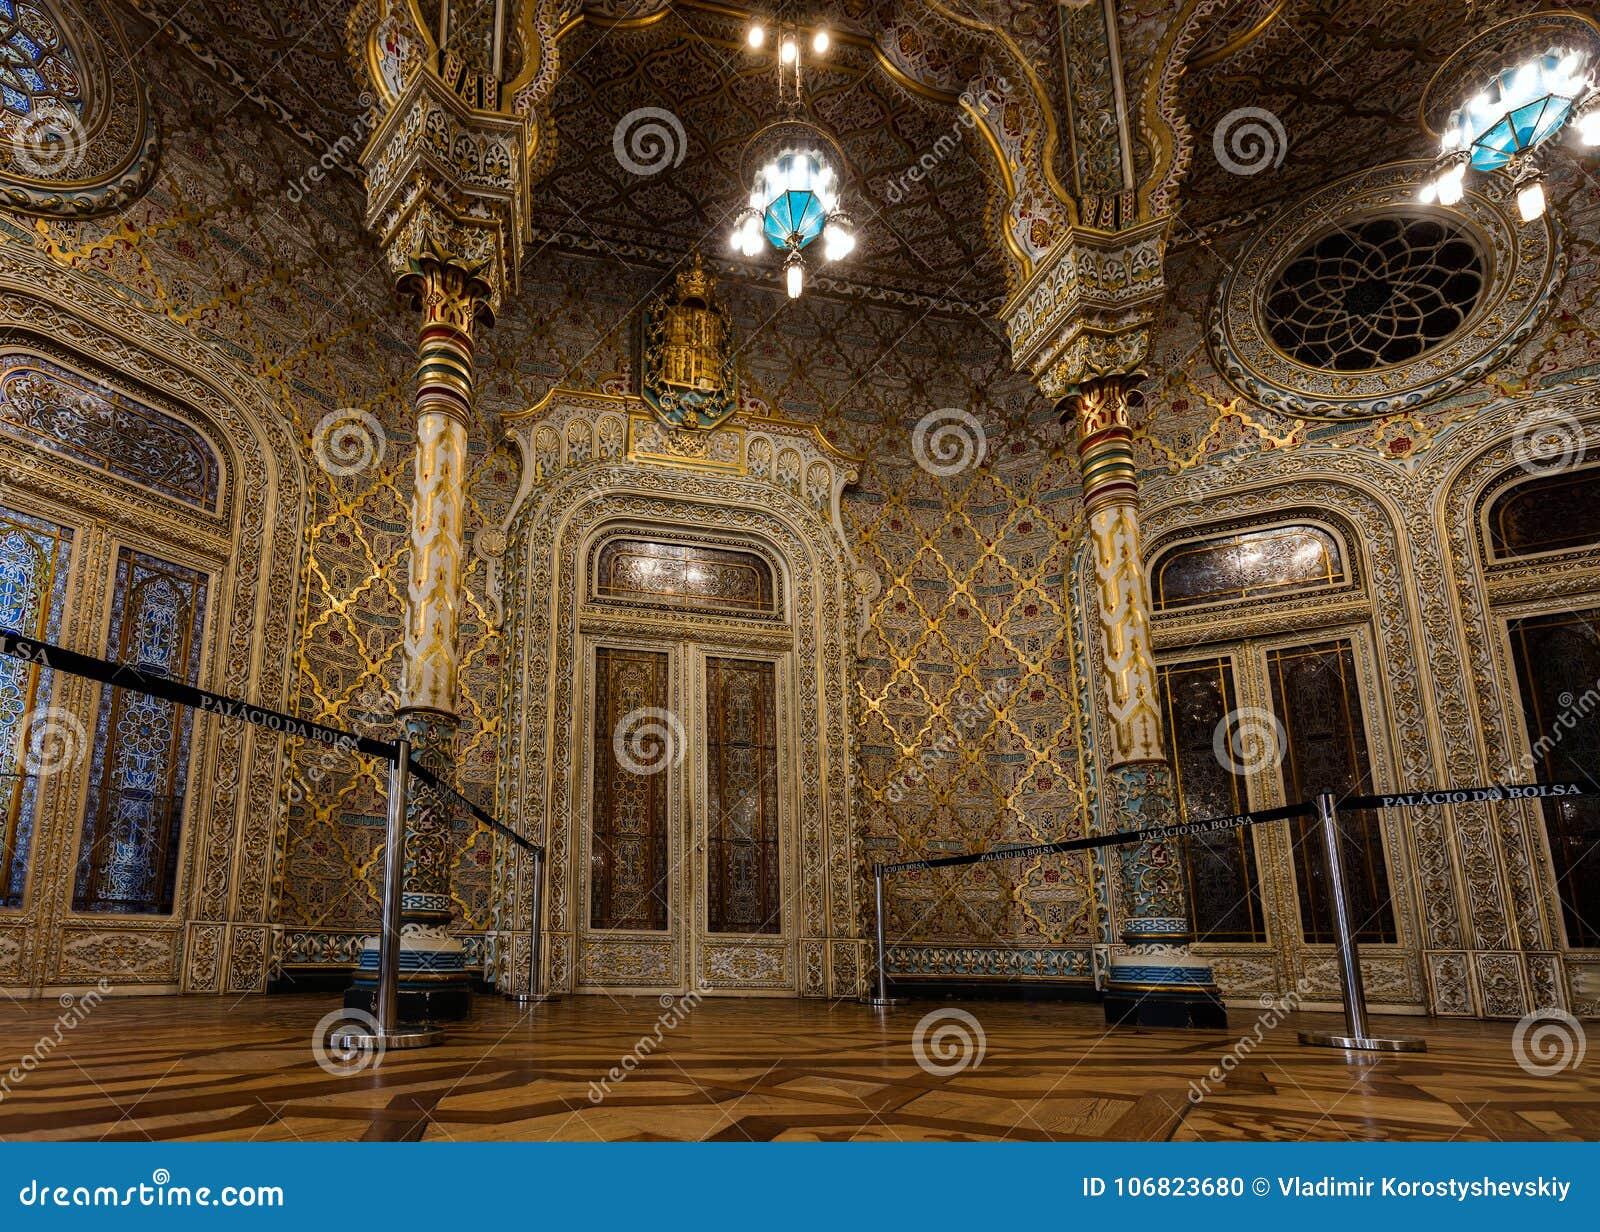 Del Palacio De Sitio Árabe Renacimiento Moro El En Bolsa ym0OvPnw8N